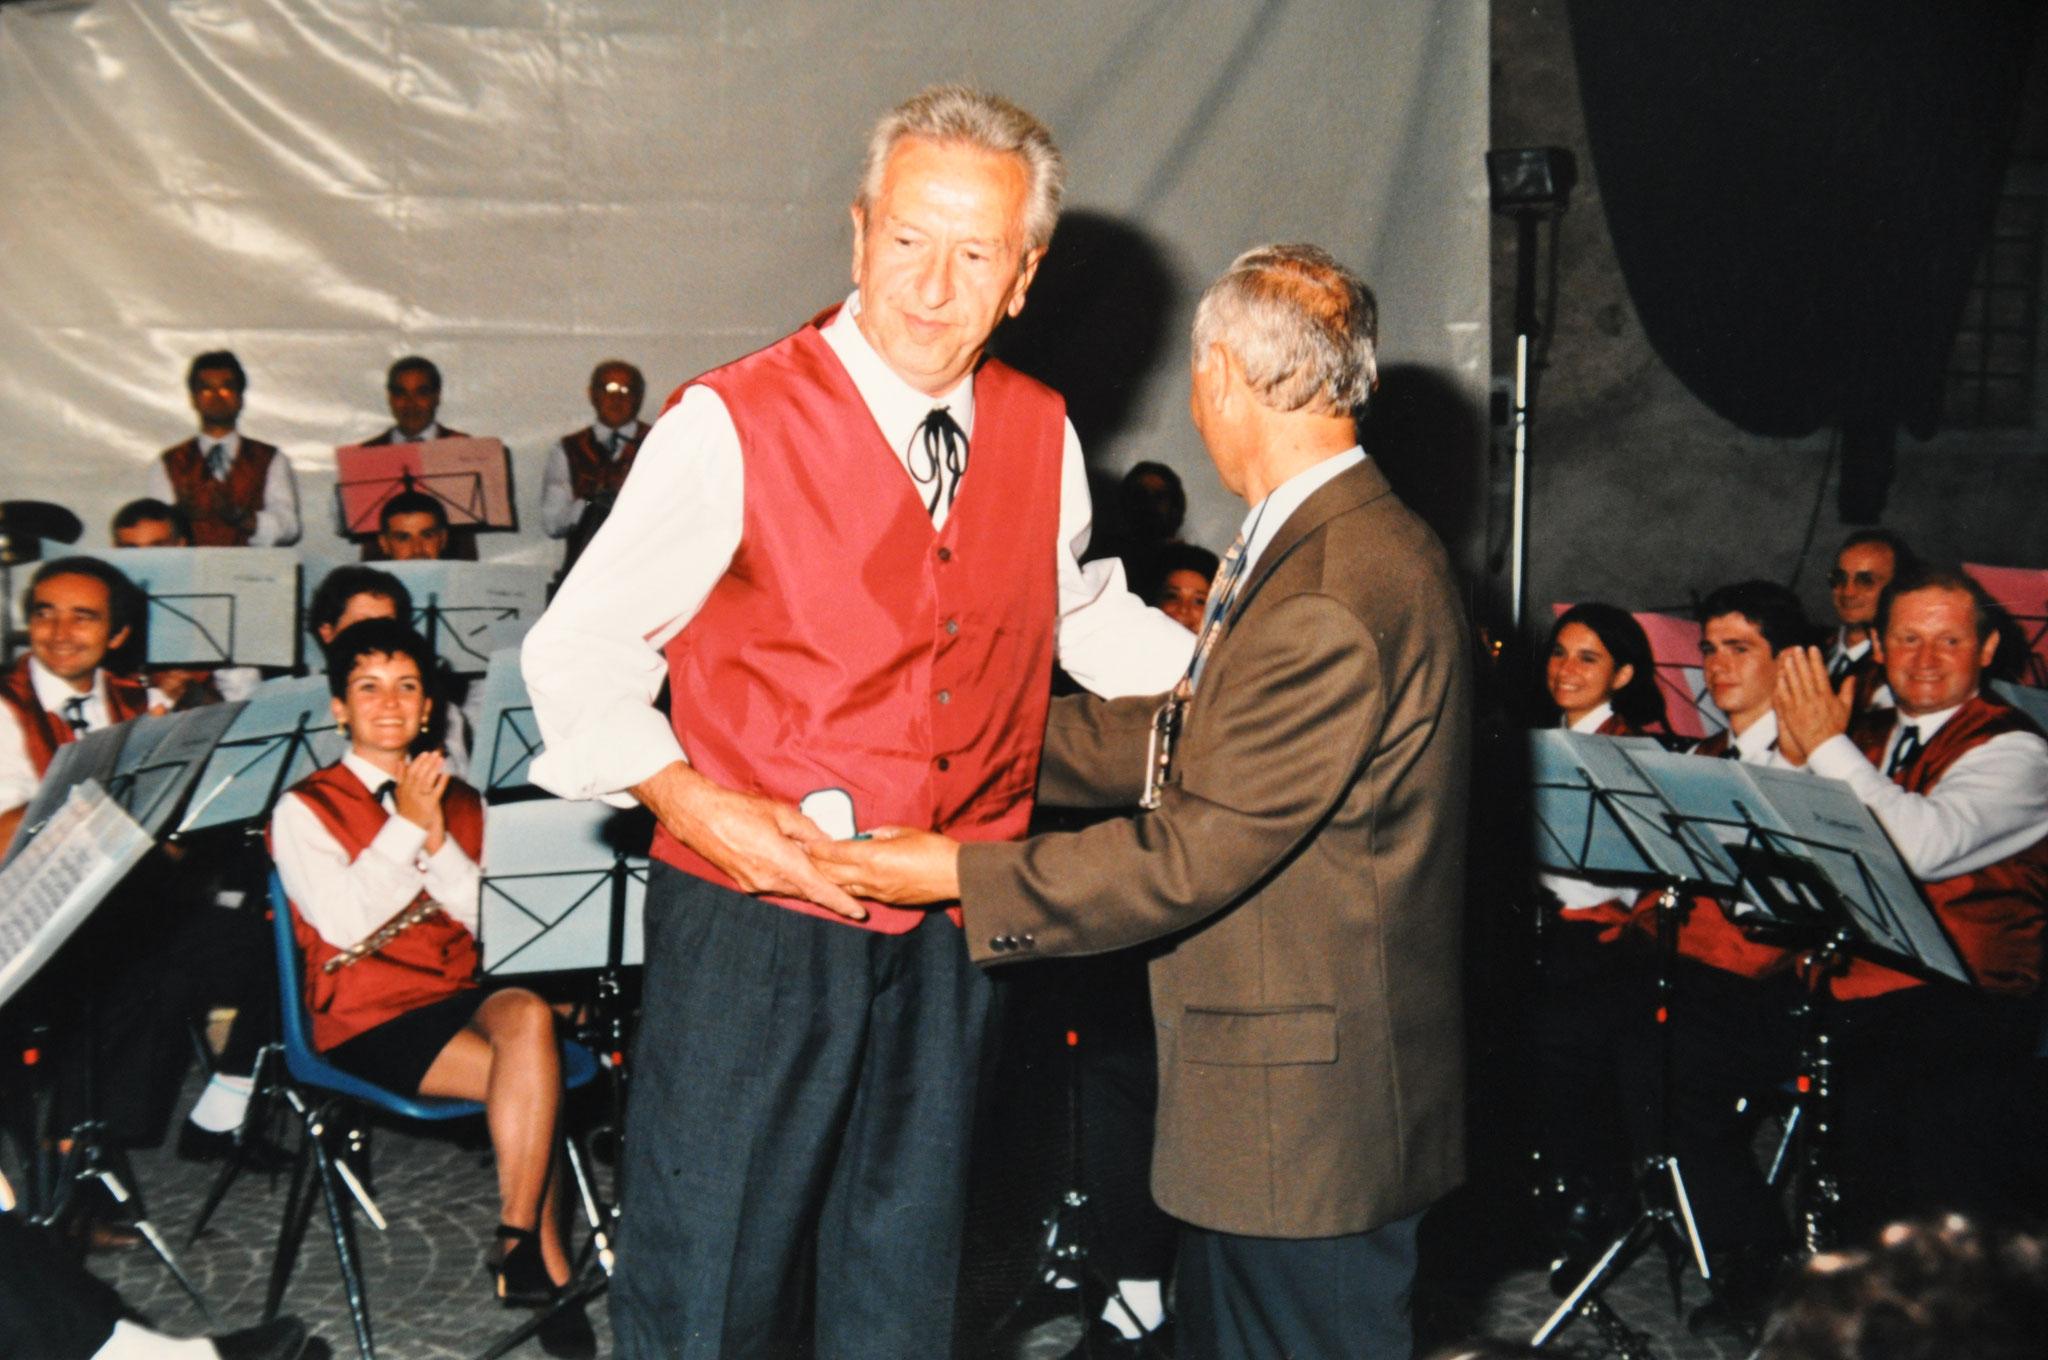 1997 Consegna targa a Enrico Salvetti